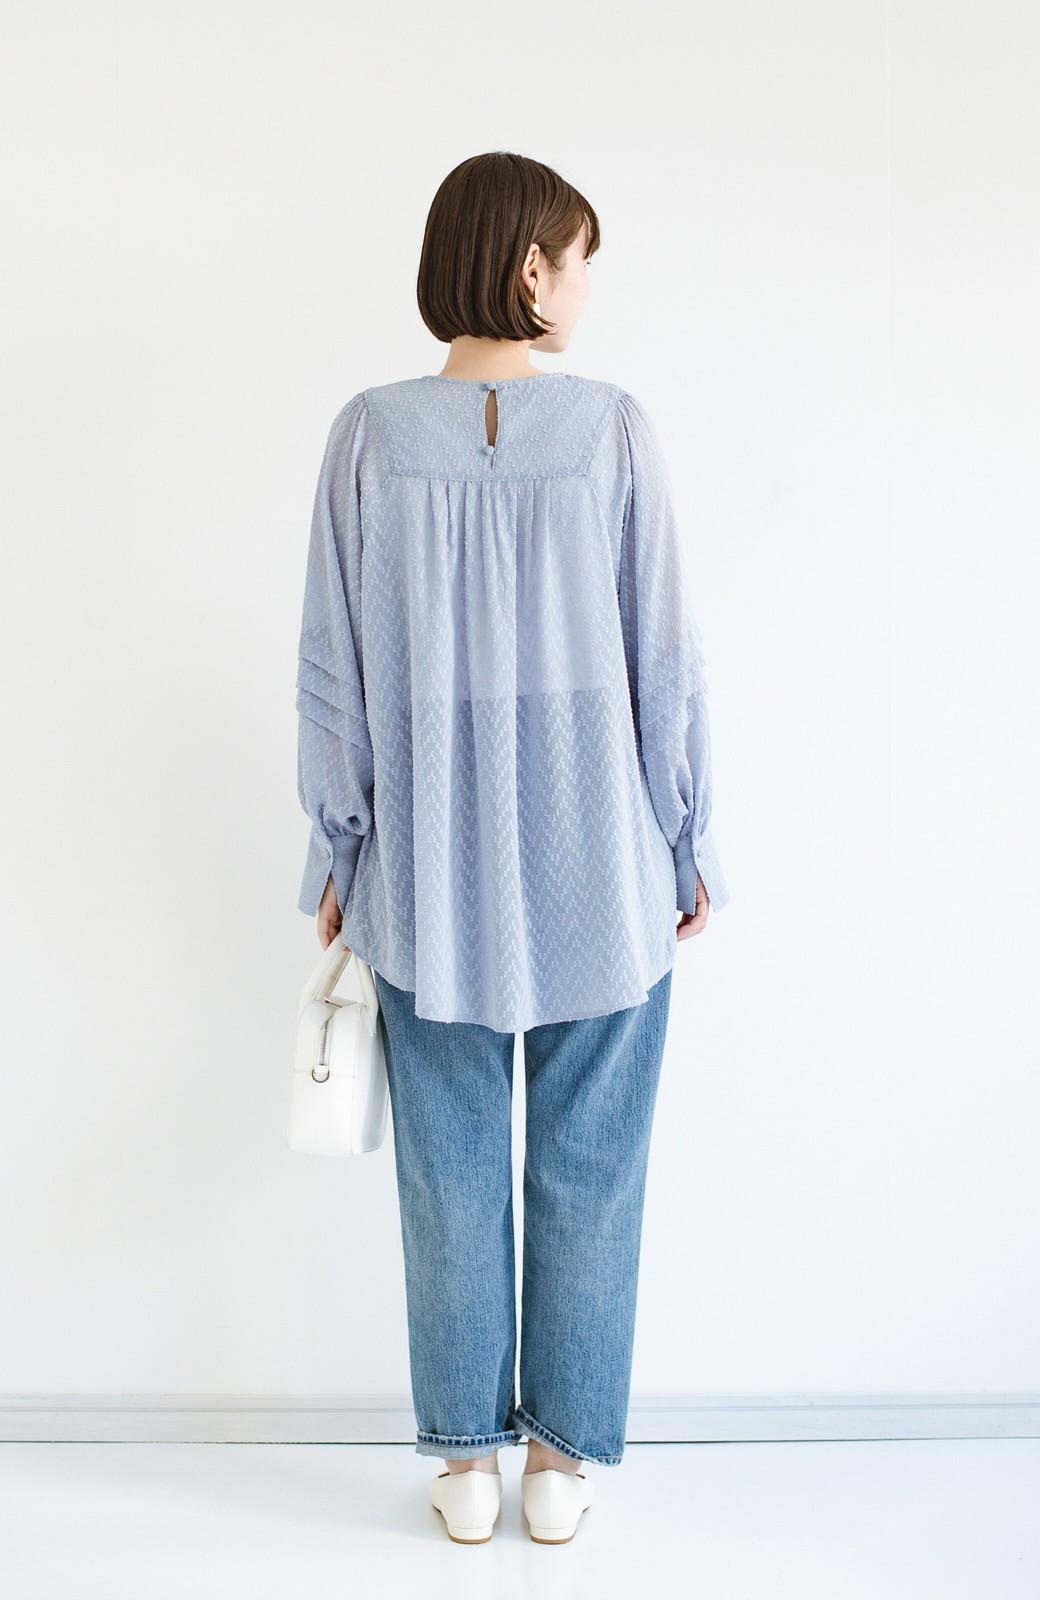 haco! 気になるところは可愛げで隠そう!ほどよい透け感で普段に着やすいドビードットの女っぽブラウス <ライトブルー>の商品写真12